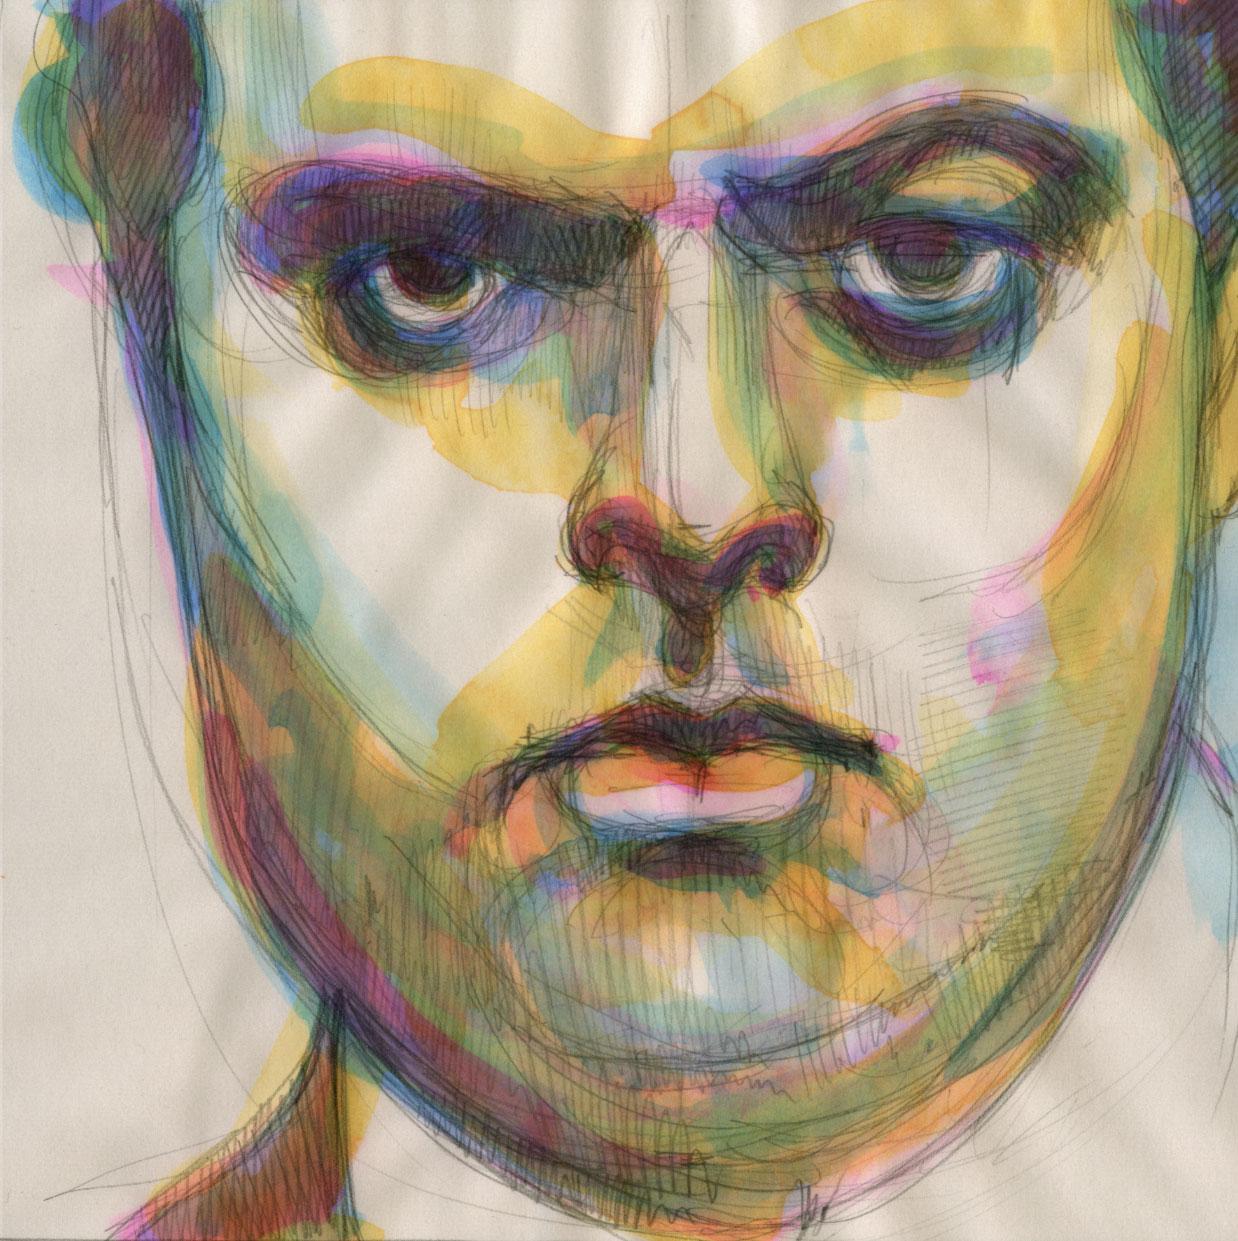 Orson Welles: His Pale Pudding Face